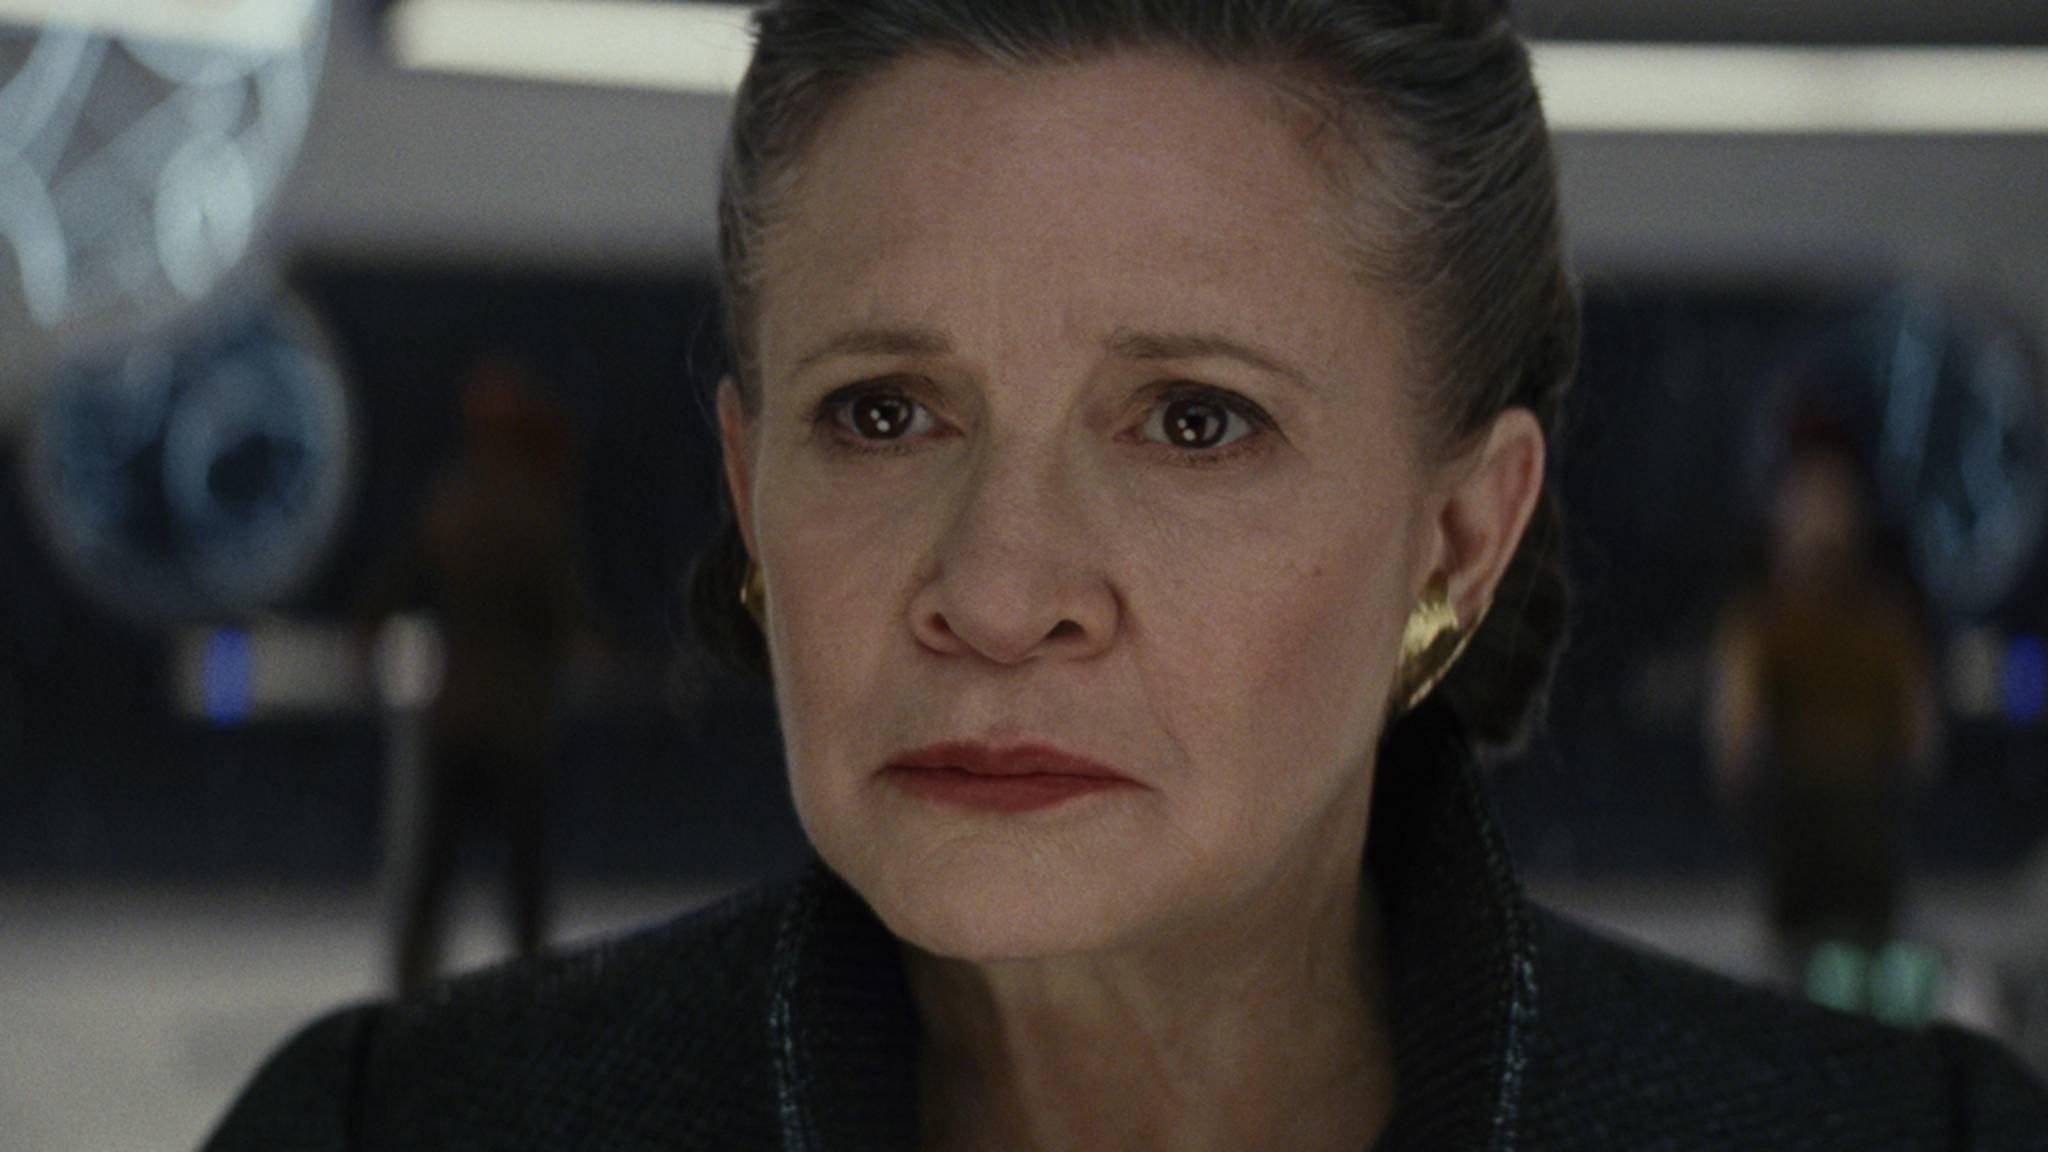 Welches Ende überlegt sich J.J. Abrams für Prinzessin Leia in Episode 9?